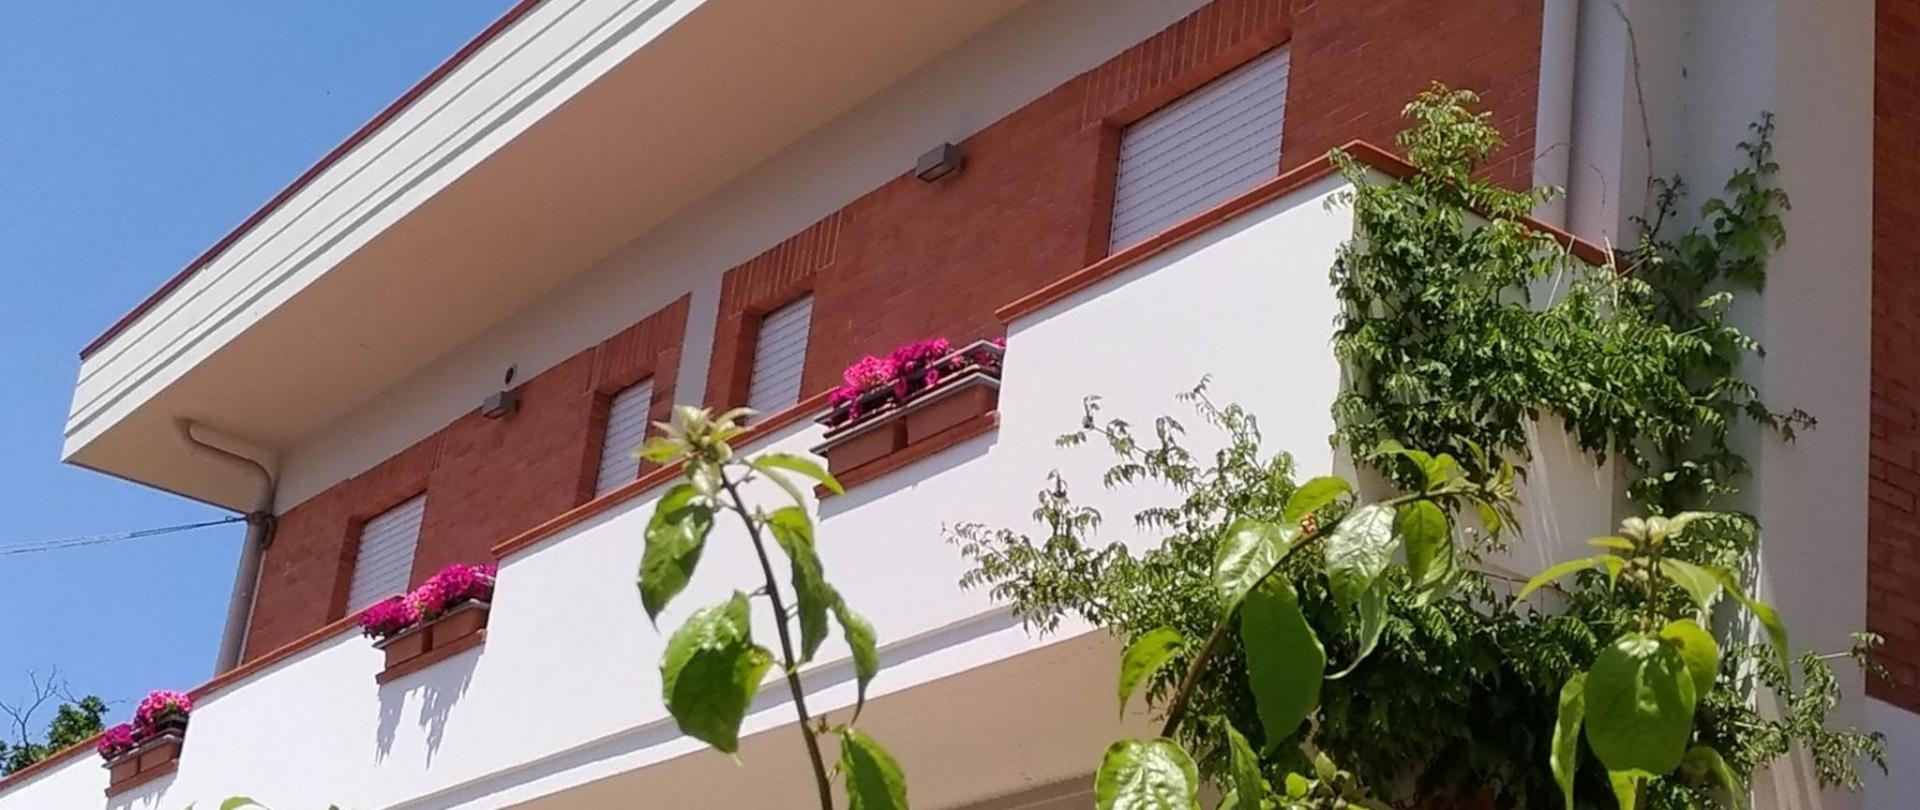 facciata2.jpg